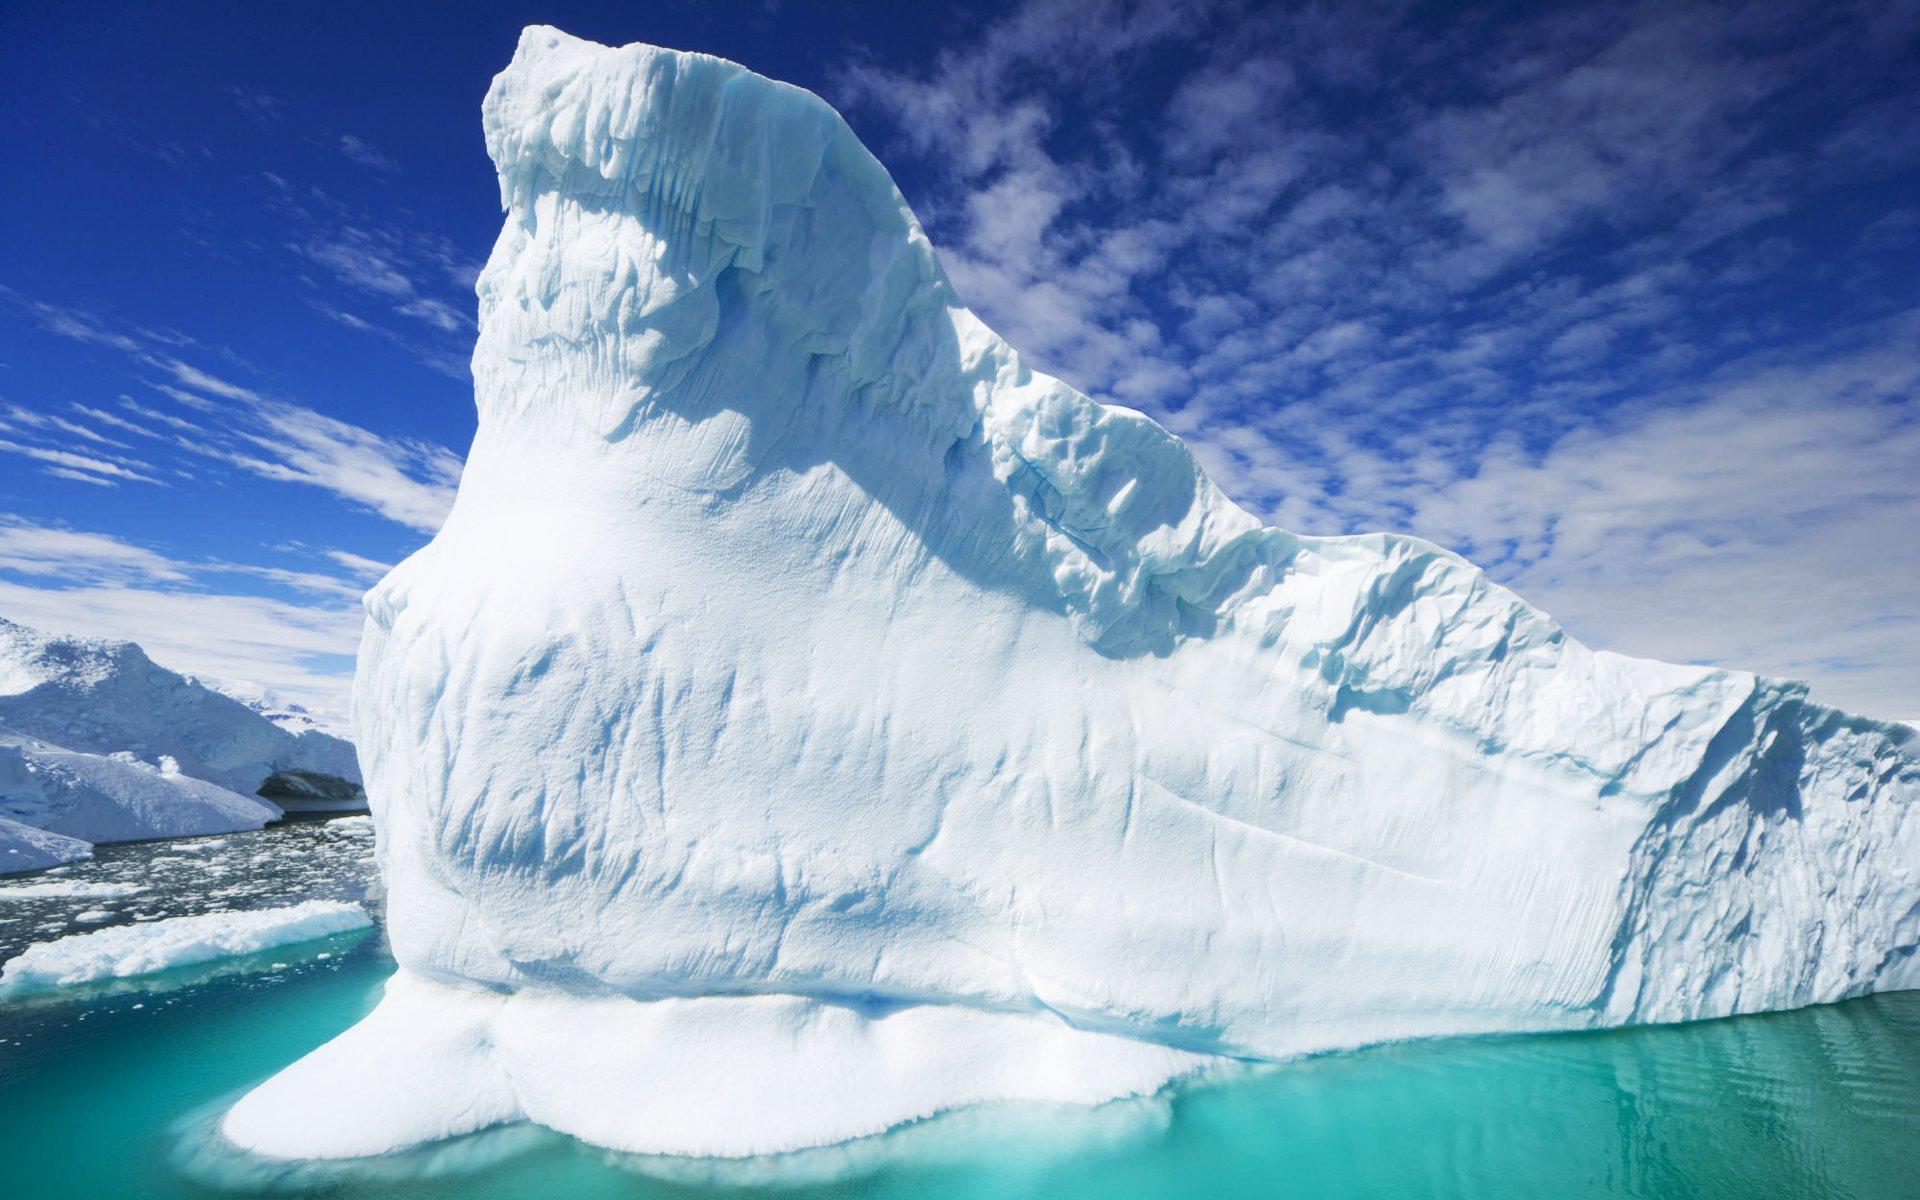 Картинки фото айсберг лед глыба море